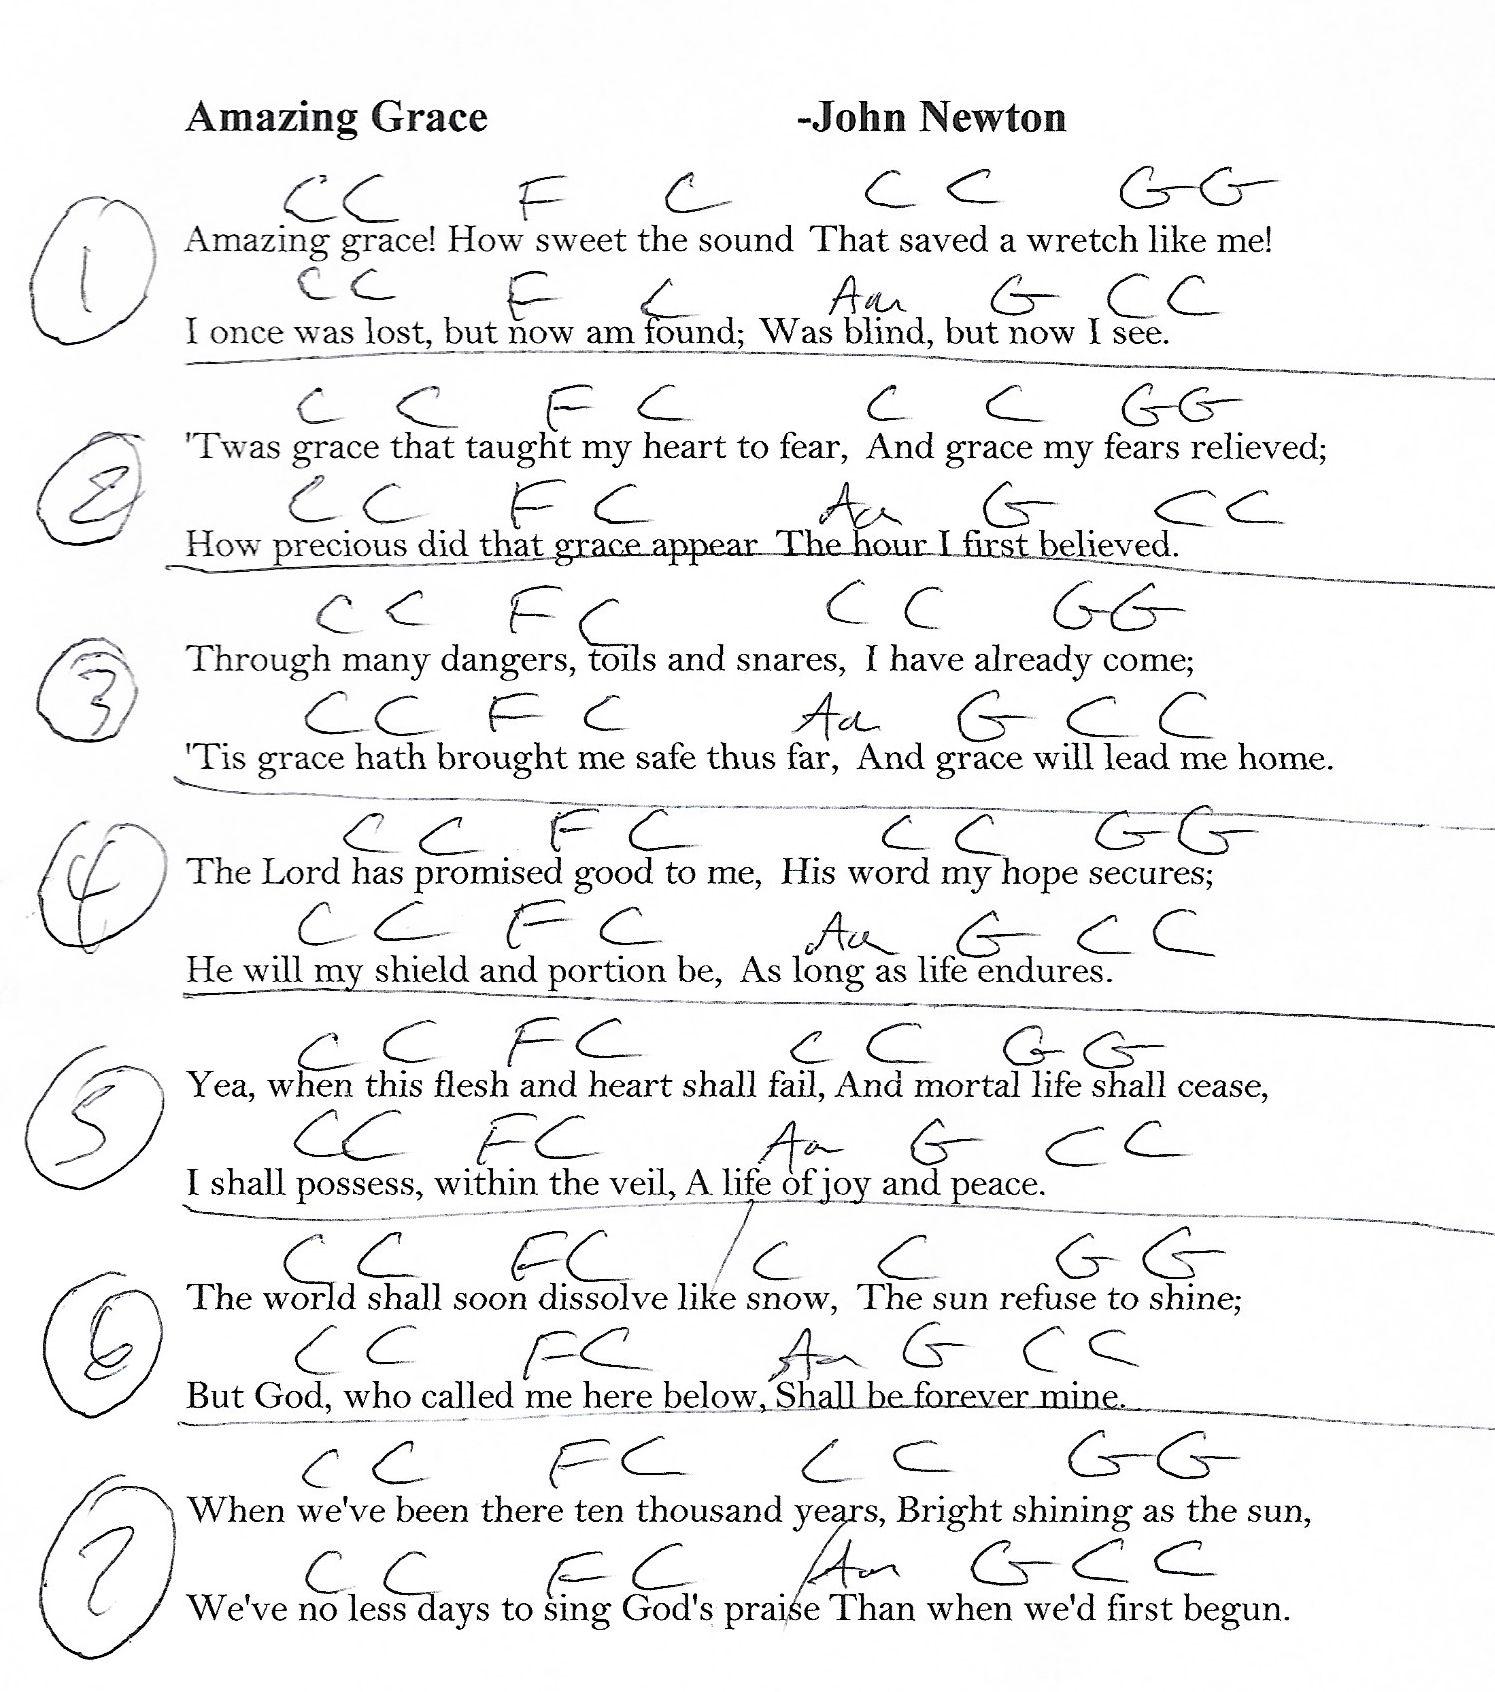 Amazing Grace Sheet Music With Lyrics: Amazing Grace (Hymn)